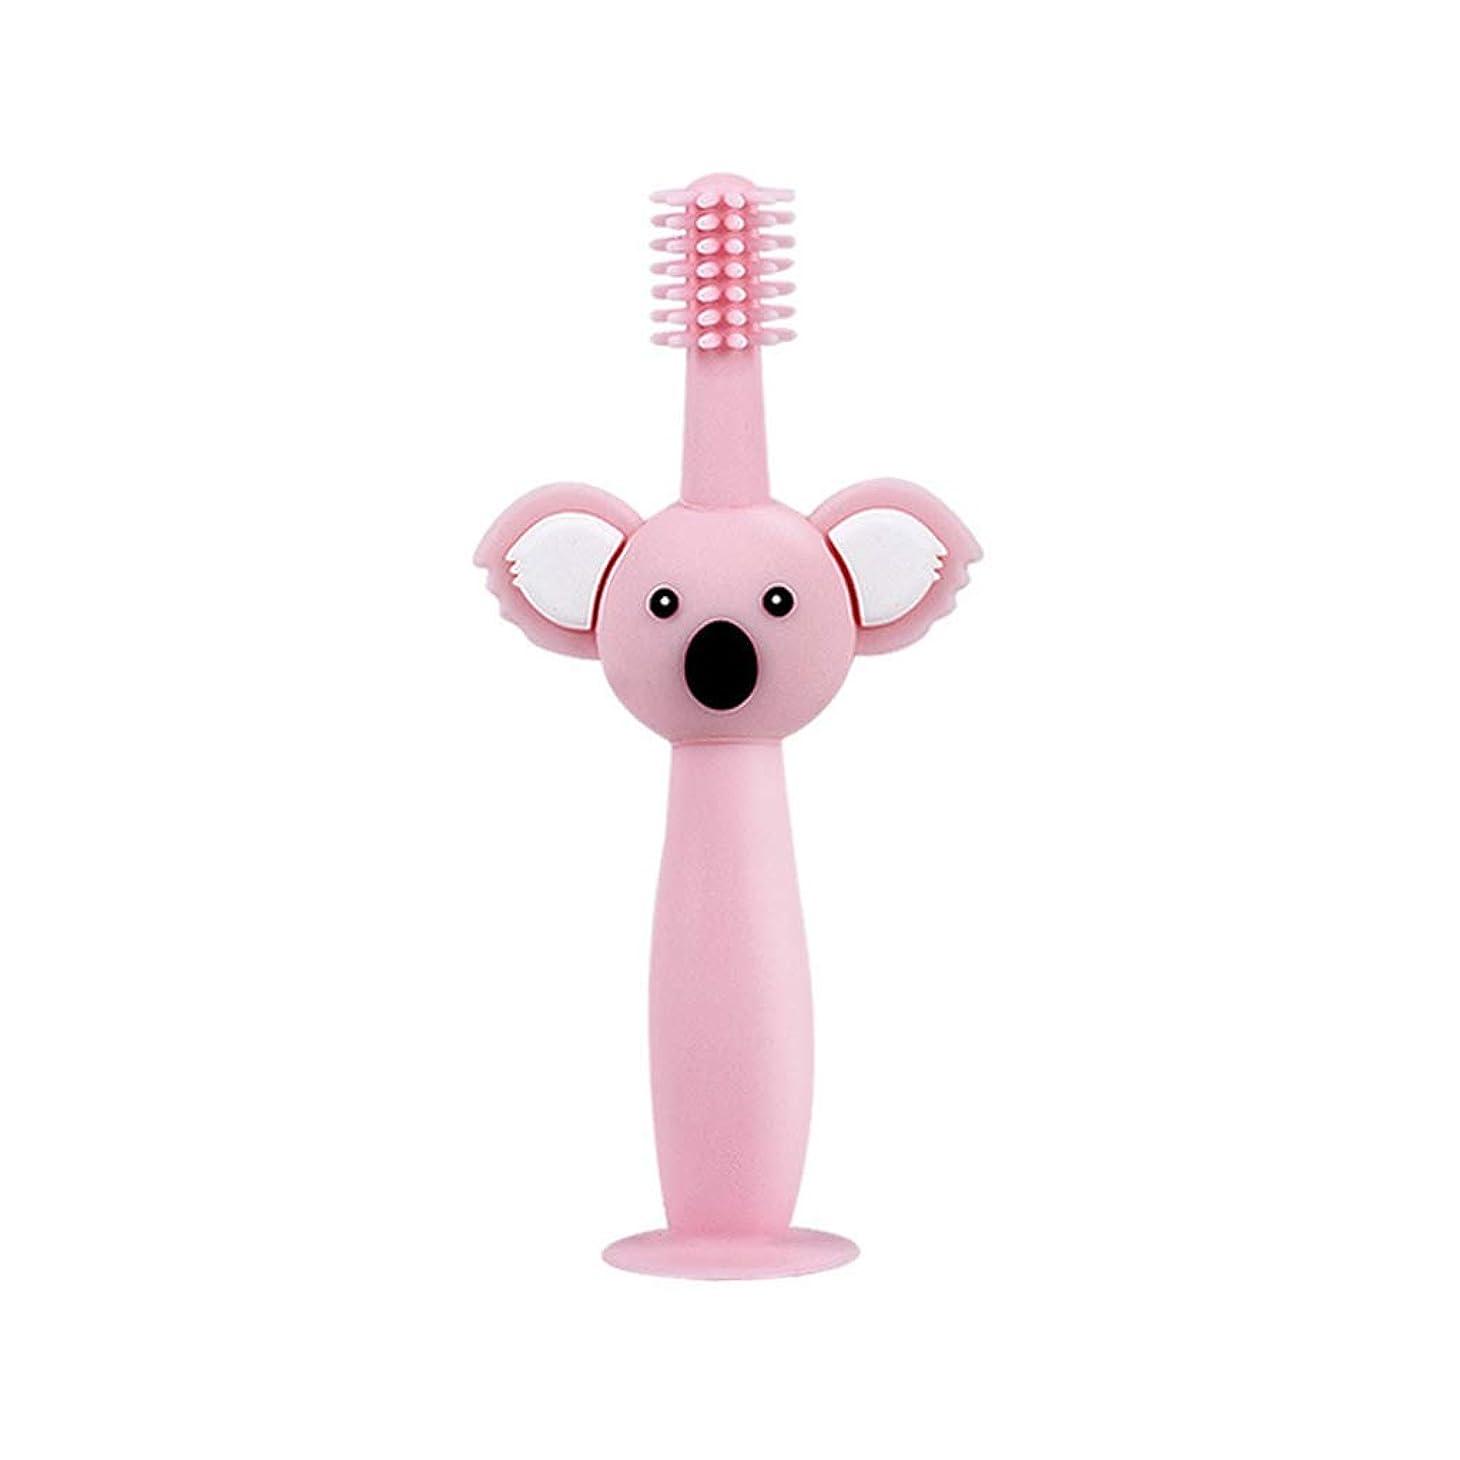 独占ウェイター抵当Biuuu 360°赤ちゃん歯ブラシコアラ頭ハンドル幼児ブラッシング歯トレーニング安全なデザインソフト健康シリコーン幼児口腔ケア (ピンク)